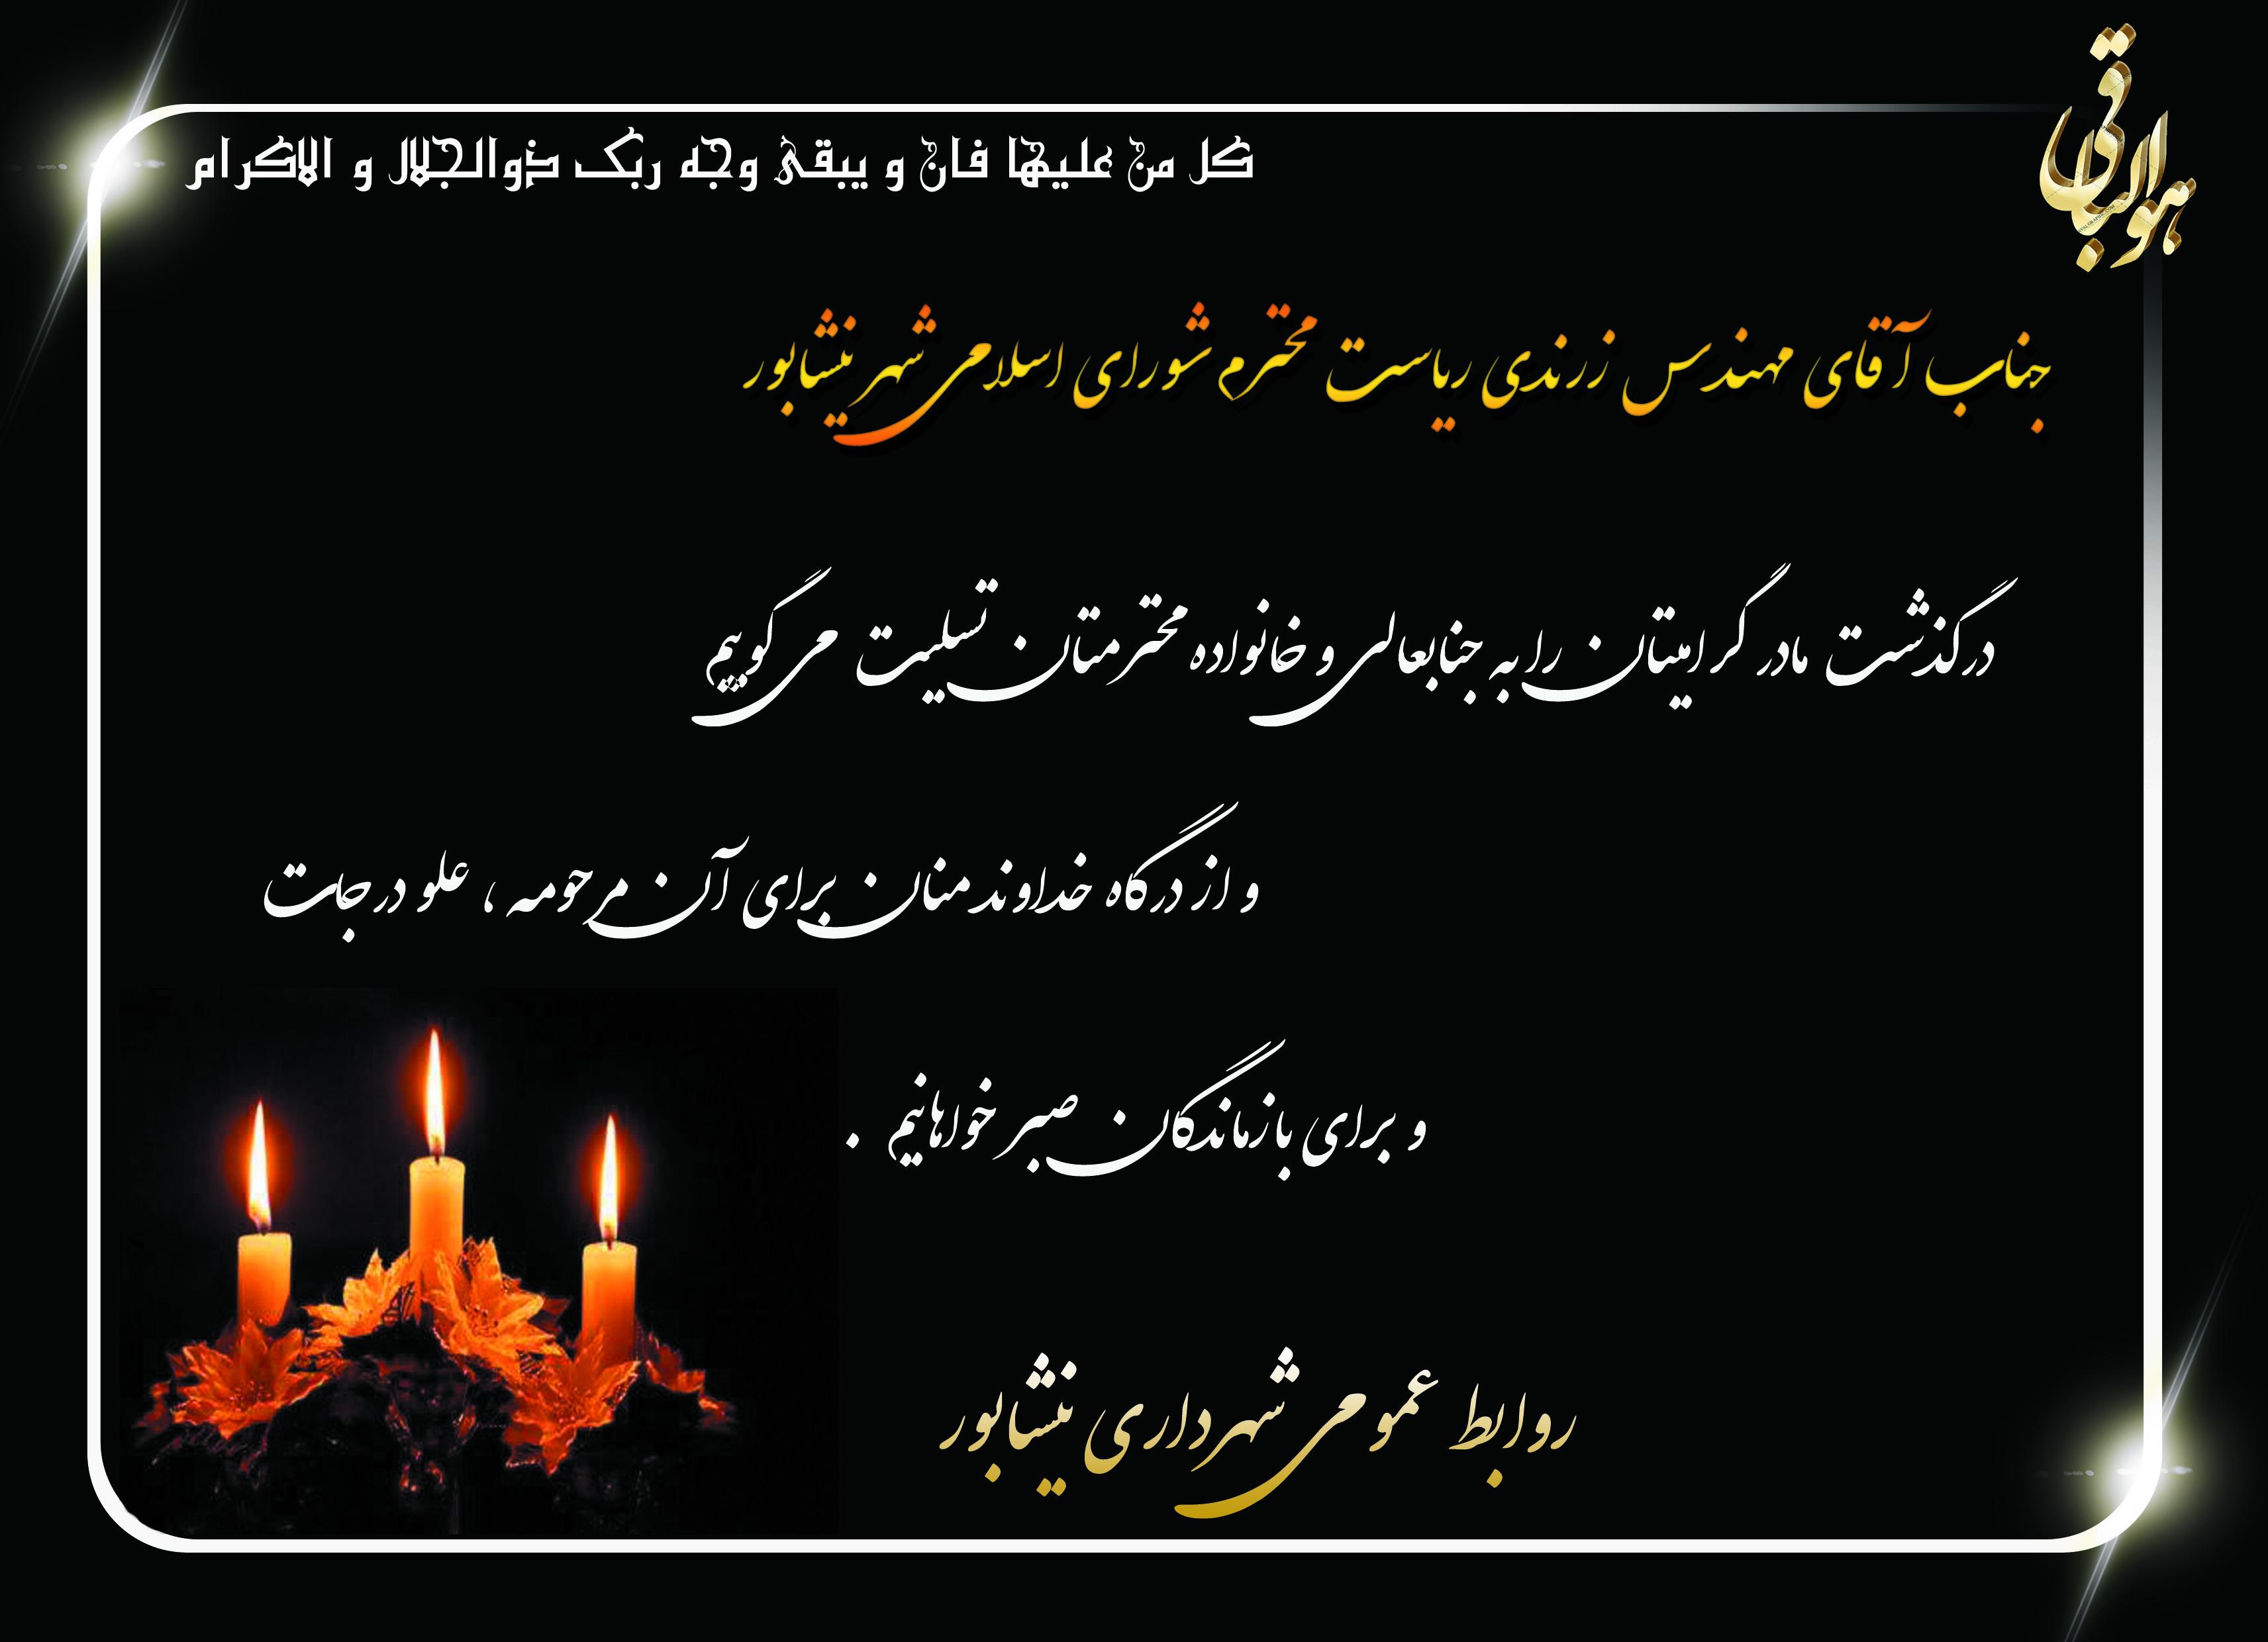 پیام تسلیت به ریاست محترم شورای اسلامی شهر نیشابور